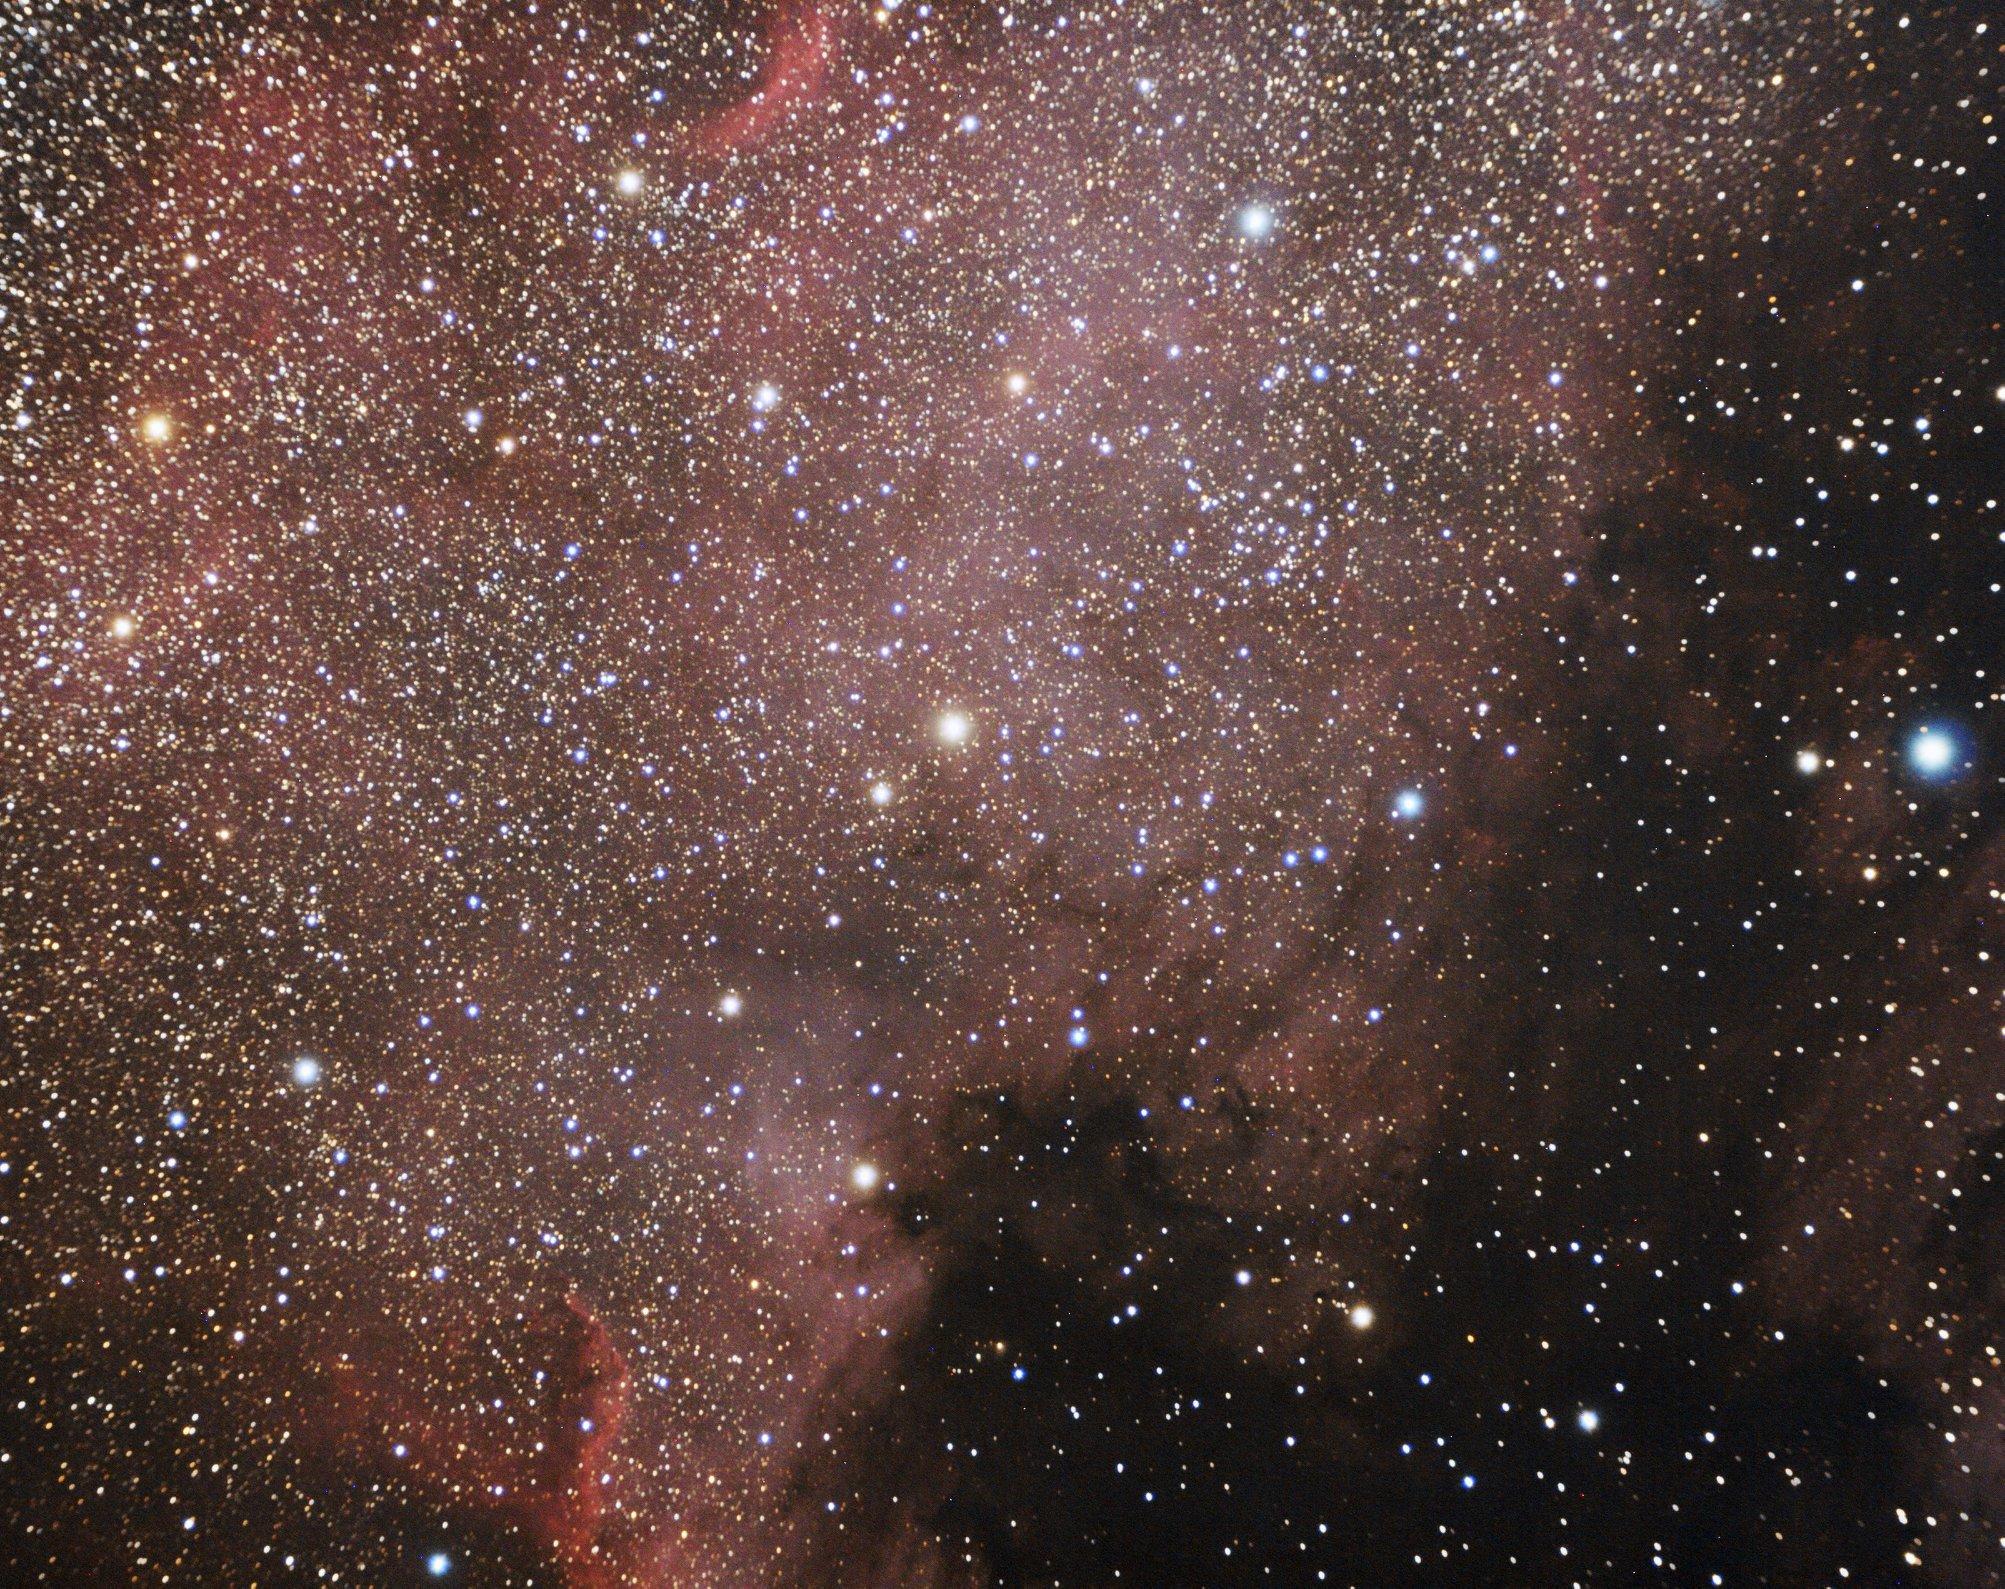 NGC 7000 Pohjois-Amerikka-sumu, kuvaaja: Jarkko Suominen